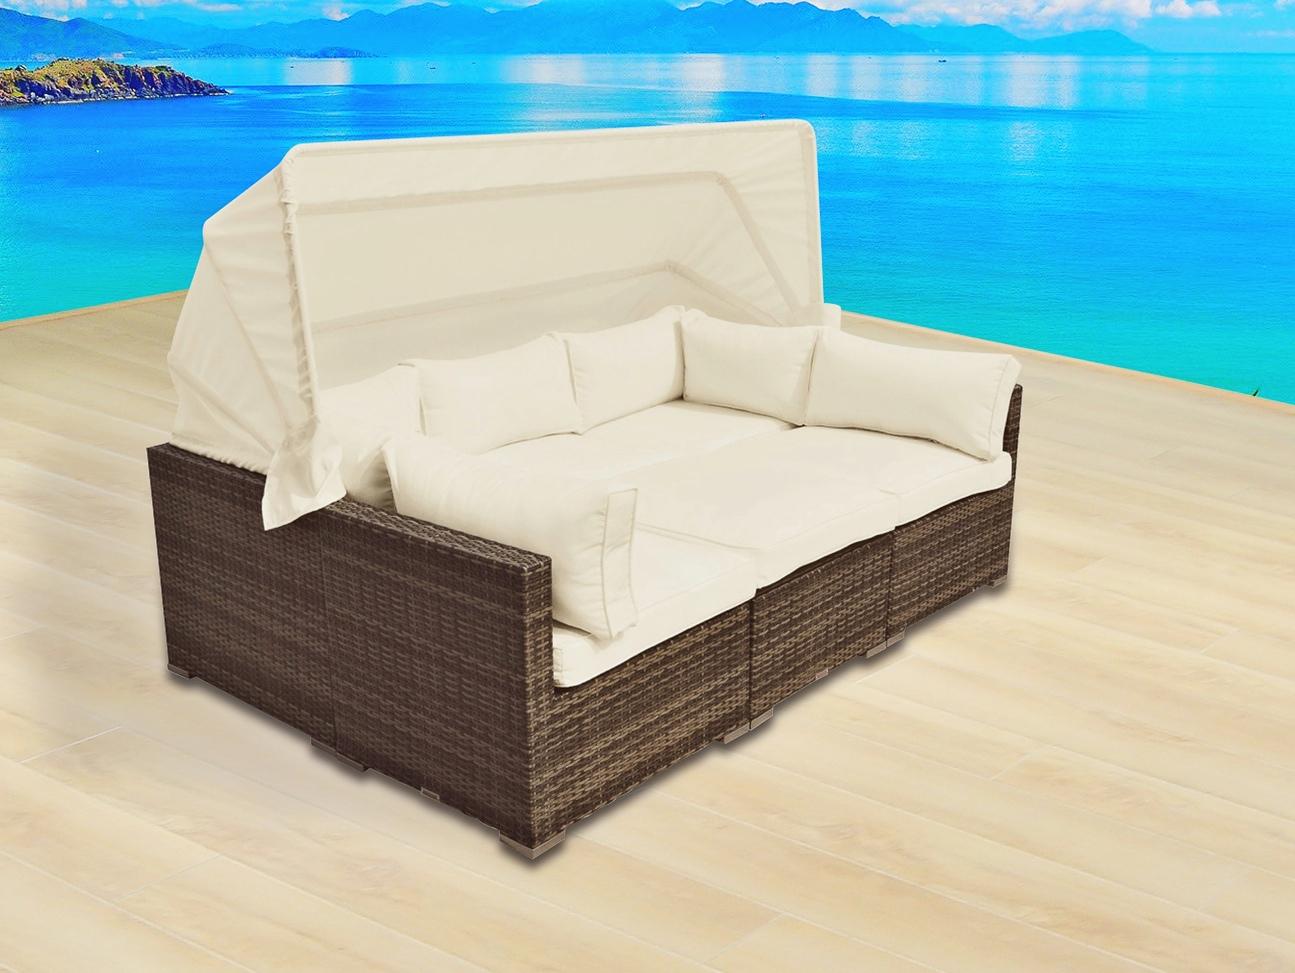 Modern Outdoor Patio Furniture, Dining Sets, Contemporary Sectional Sofas |  MangoHome.com